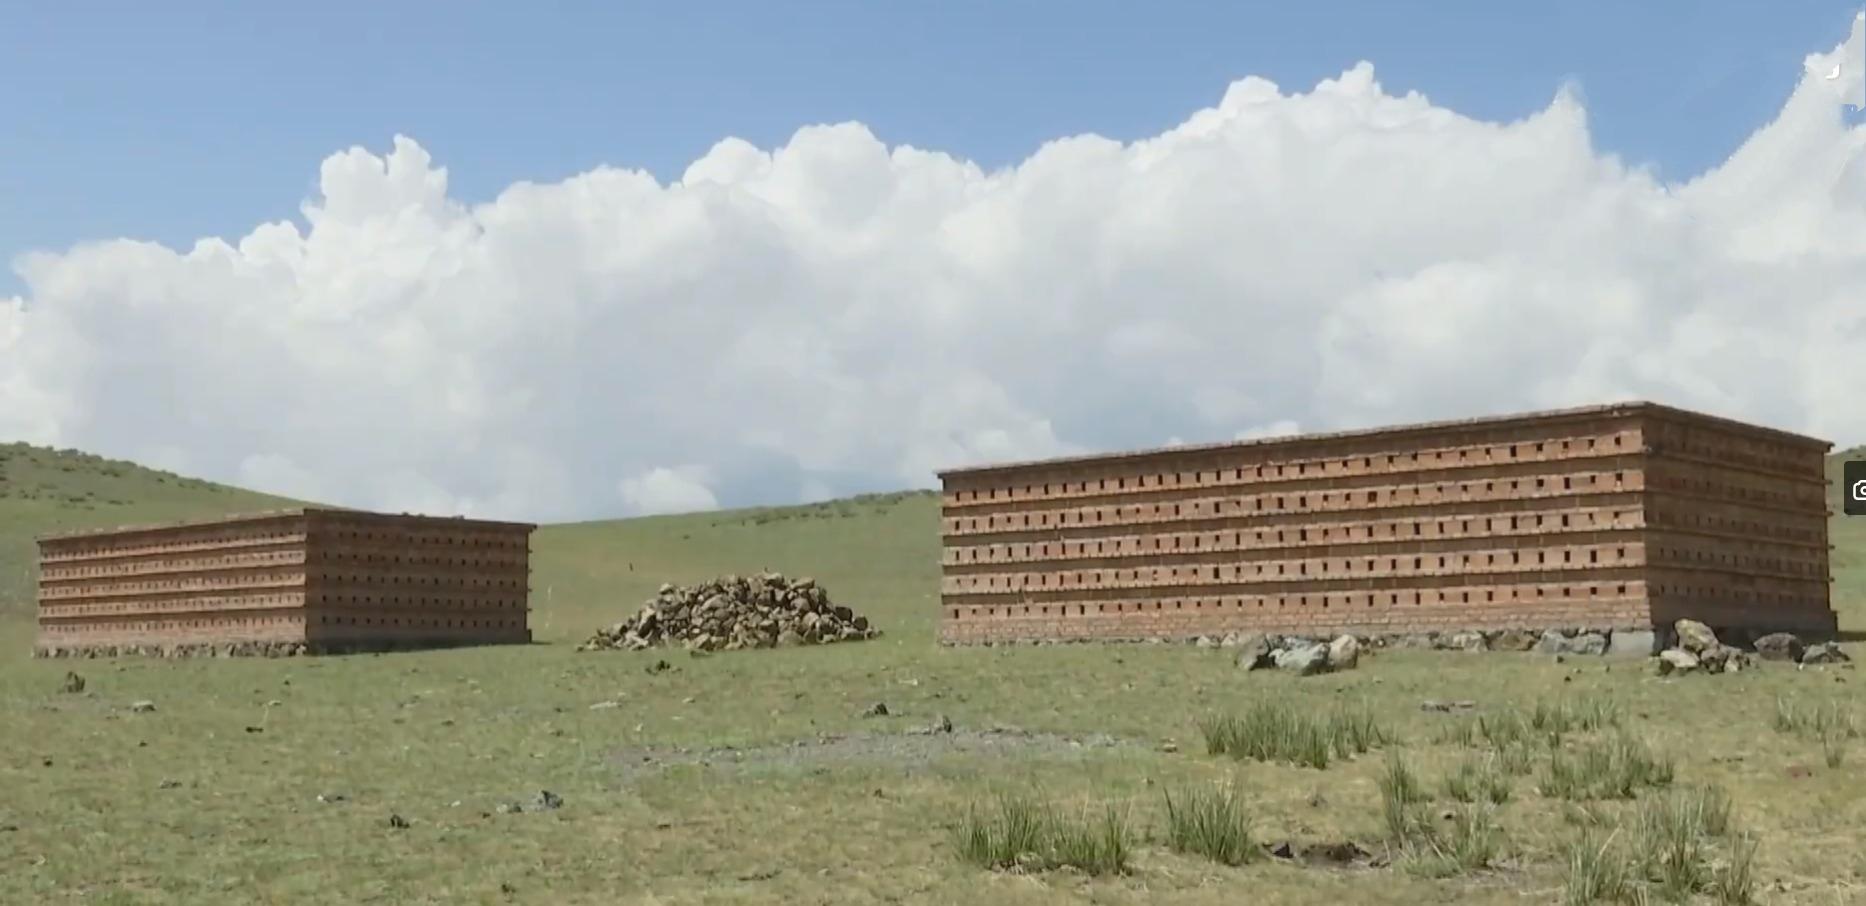 20万只粉红椋鸟驰援新疆灭蝗,护40万亩草场!蝗灾到底有多可怕?